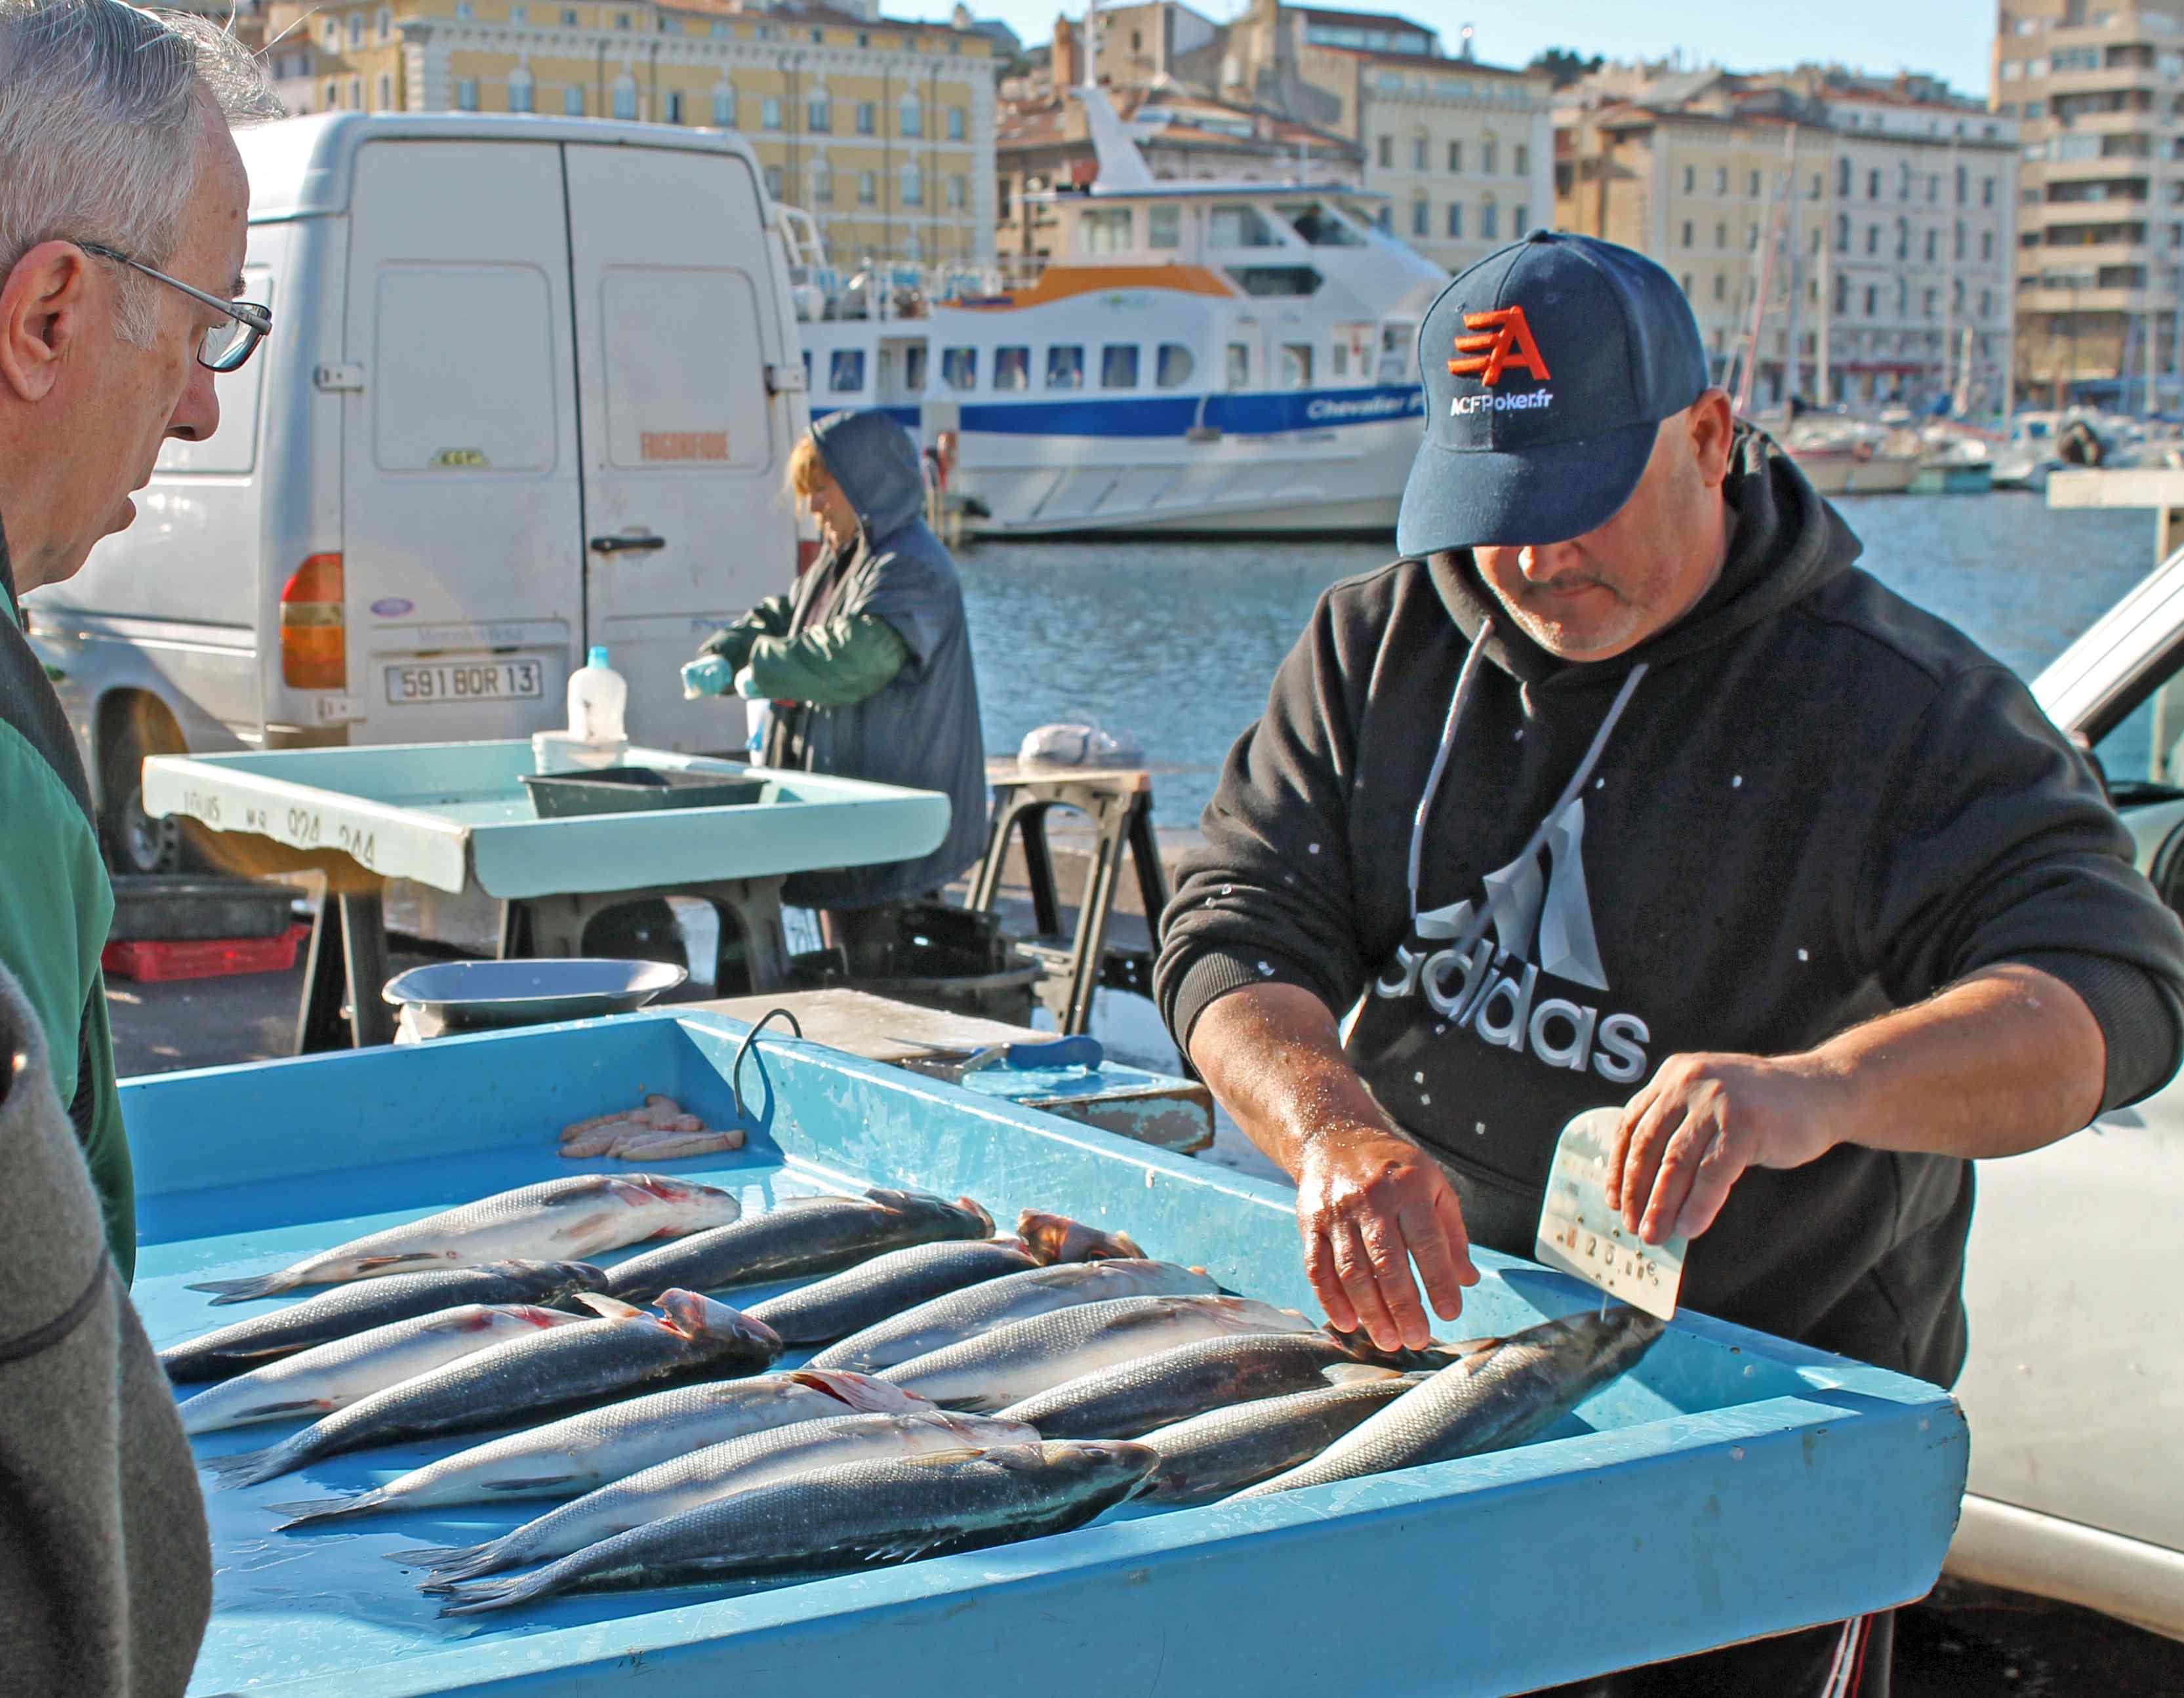 Fish Market in Marseille - Focal Journey